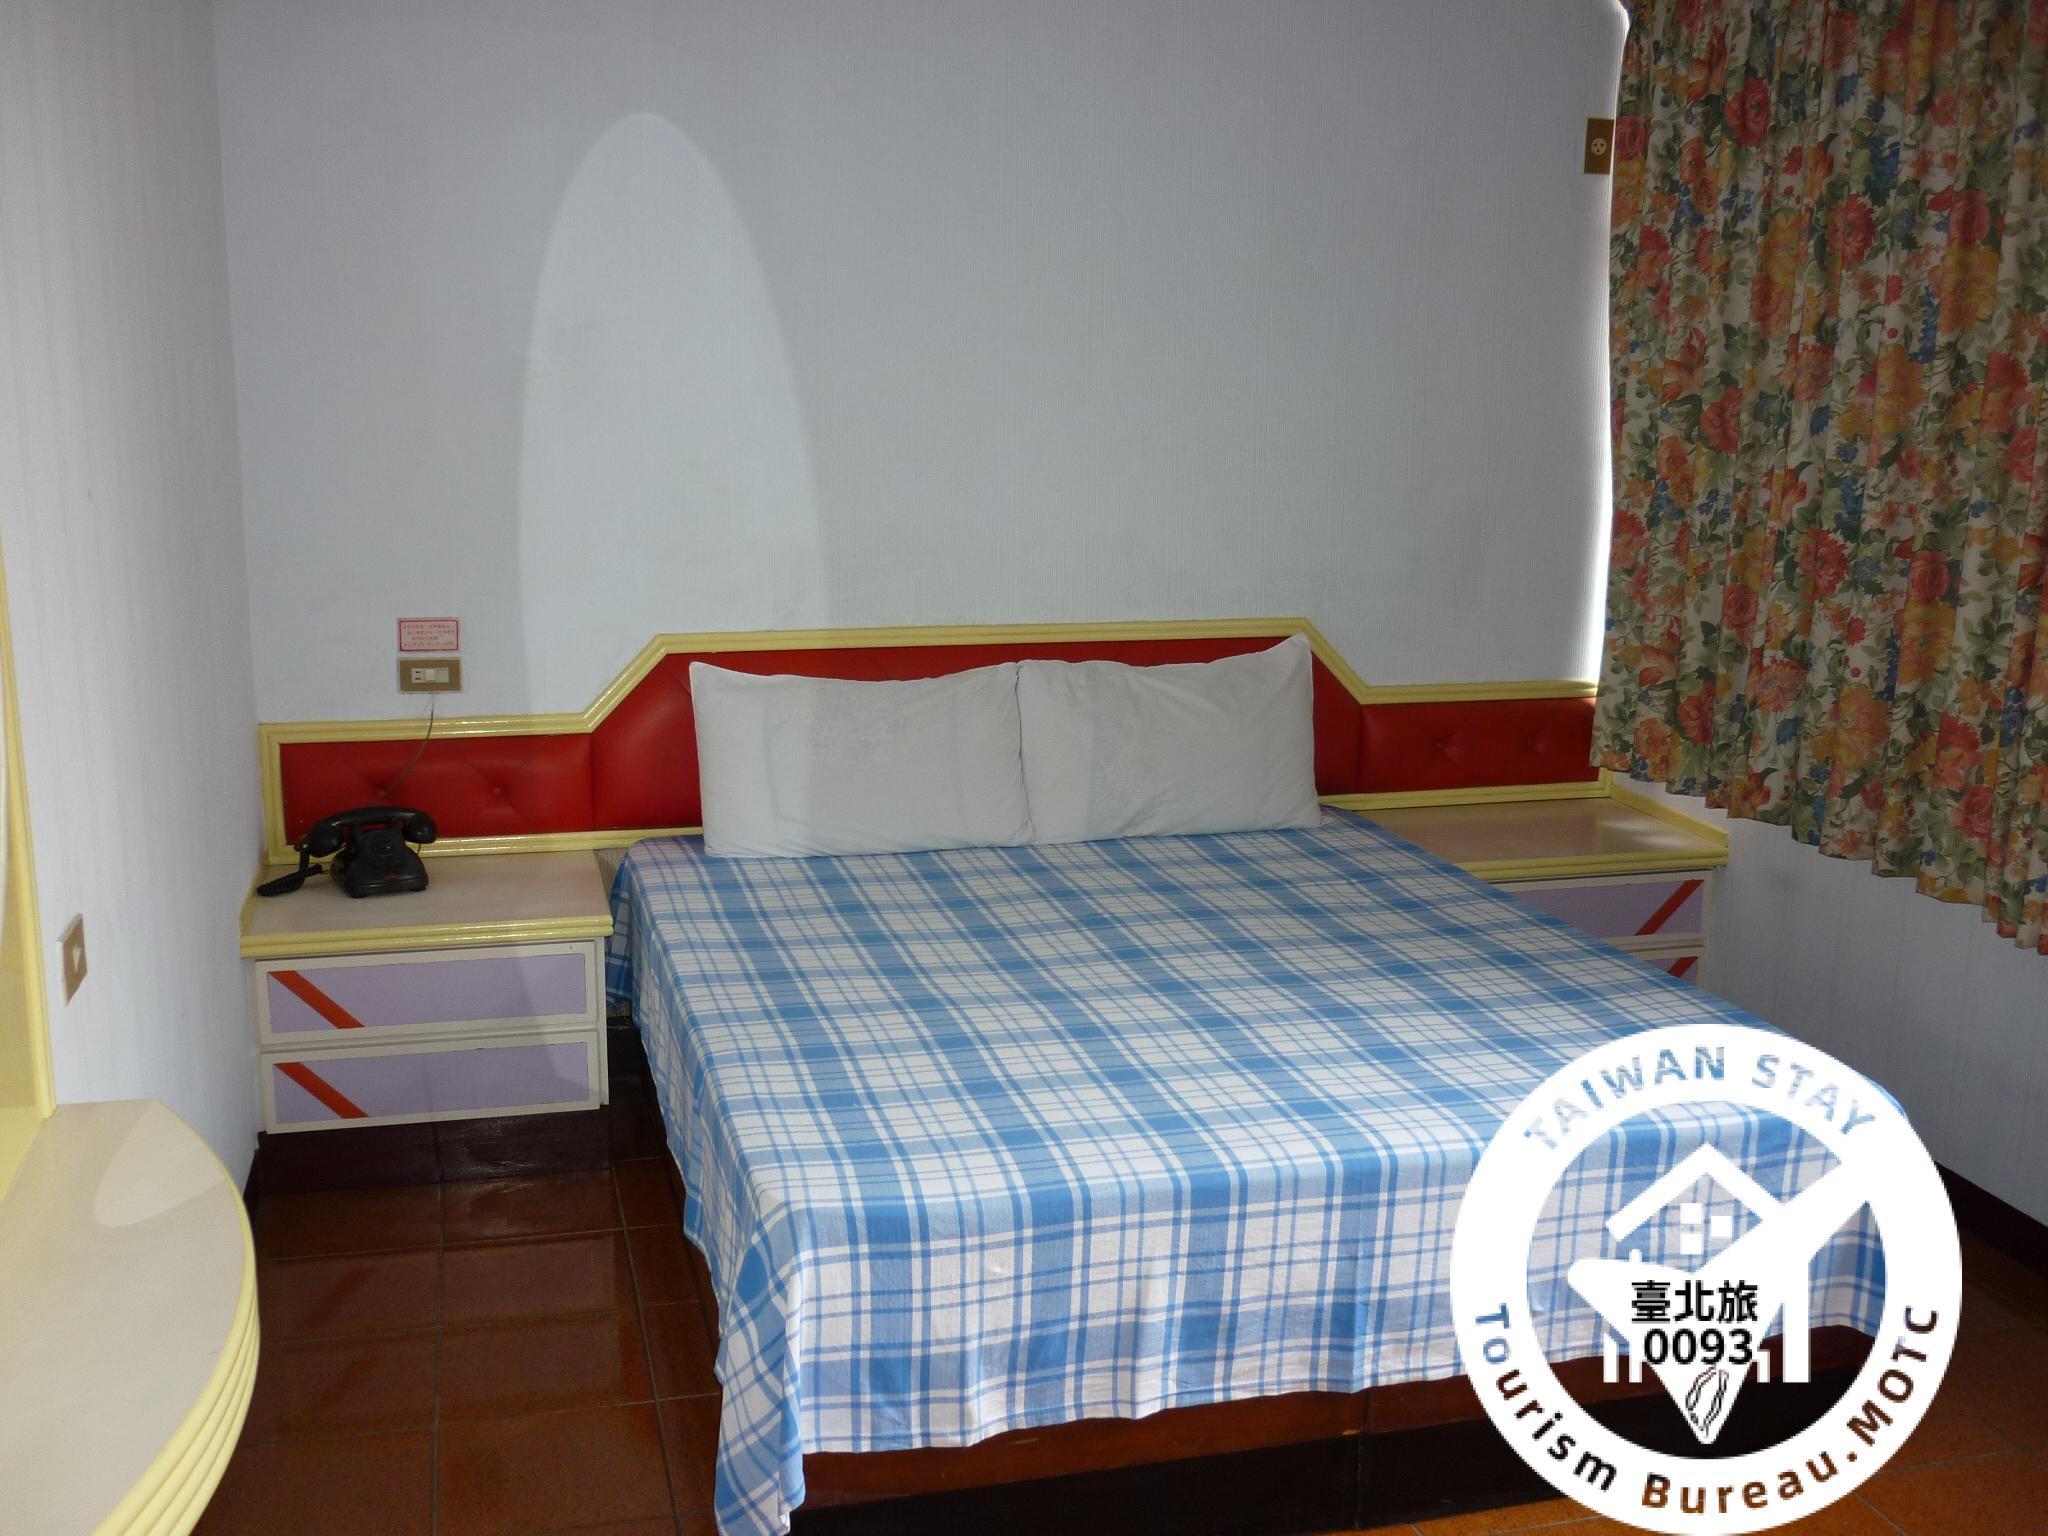 單 床 房照片_1